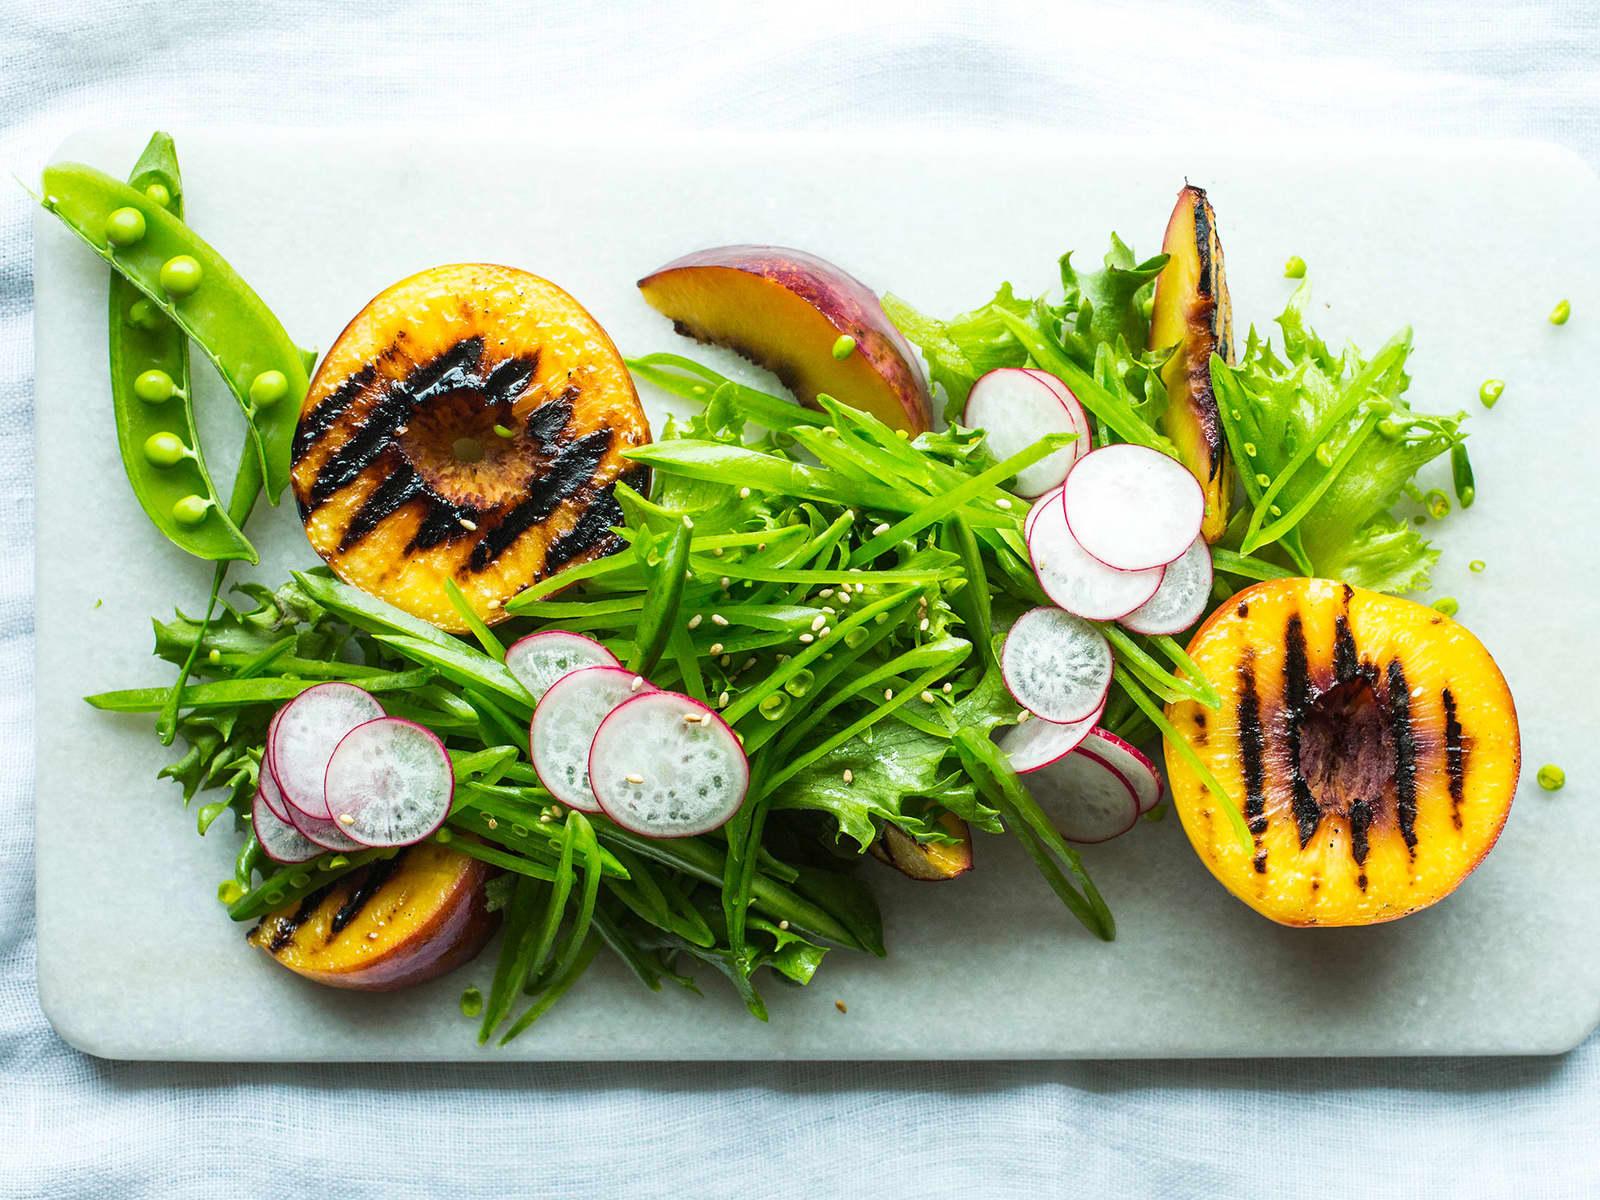 Grillede nektariner med sukkererter og sesam